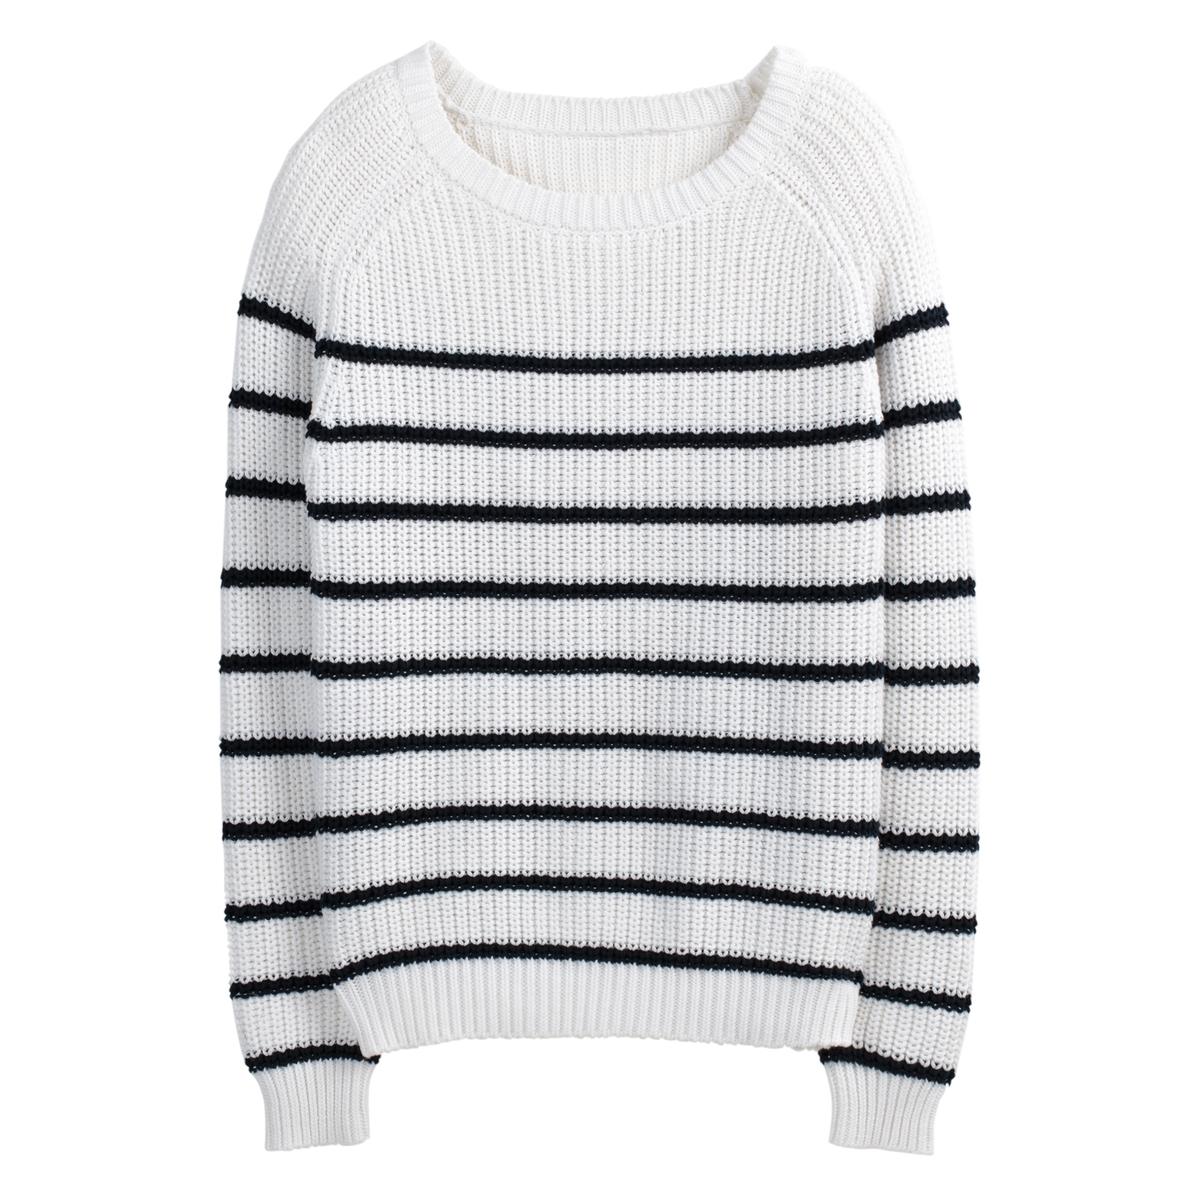 Jersey estilo marinero de punto grueso de algodón